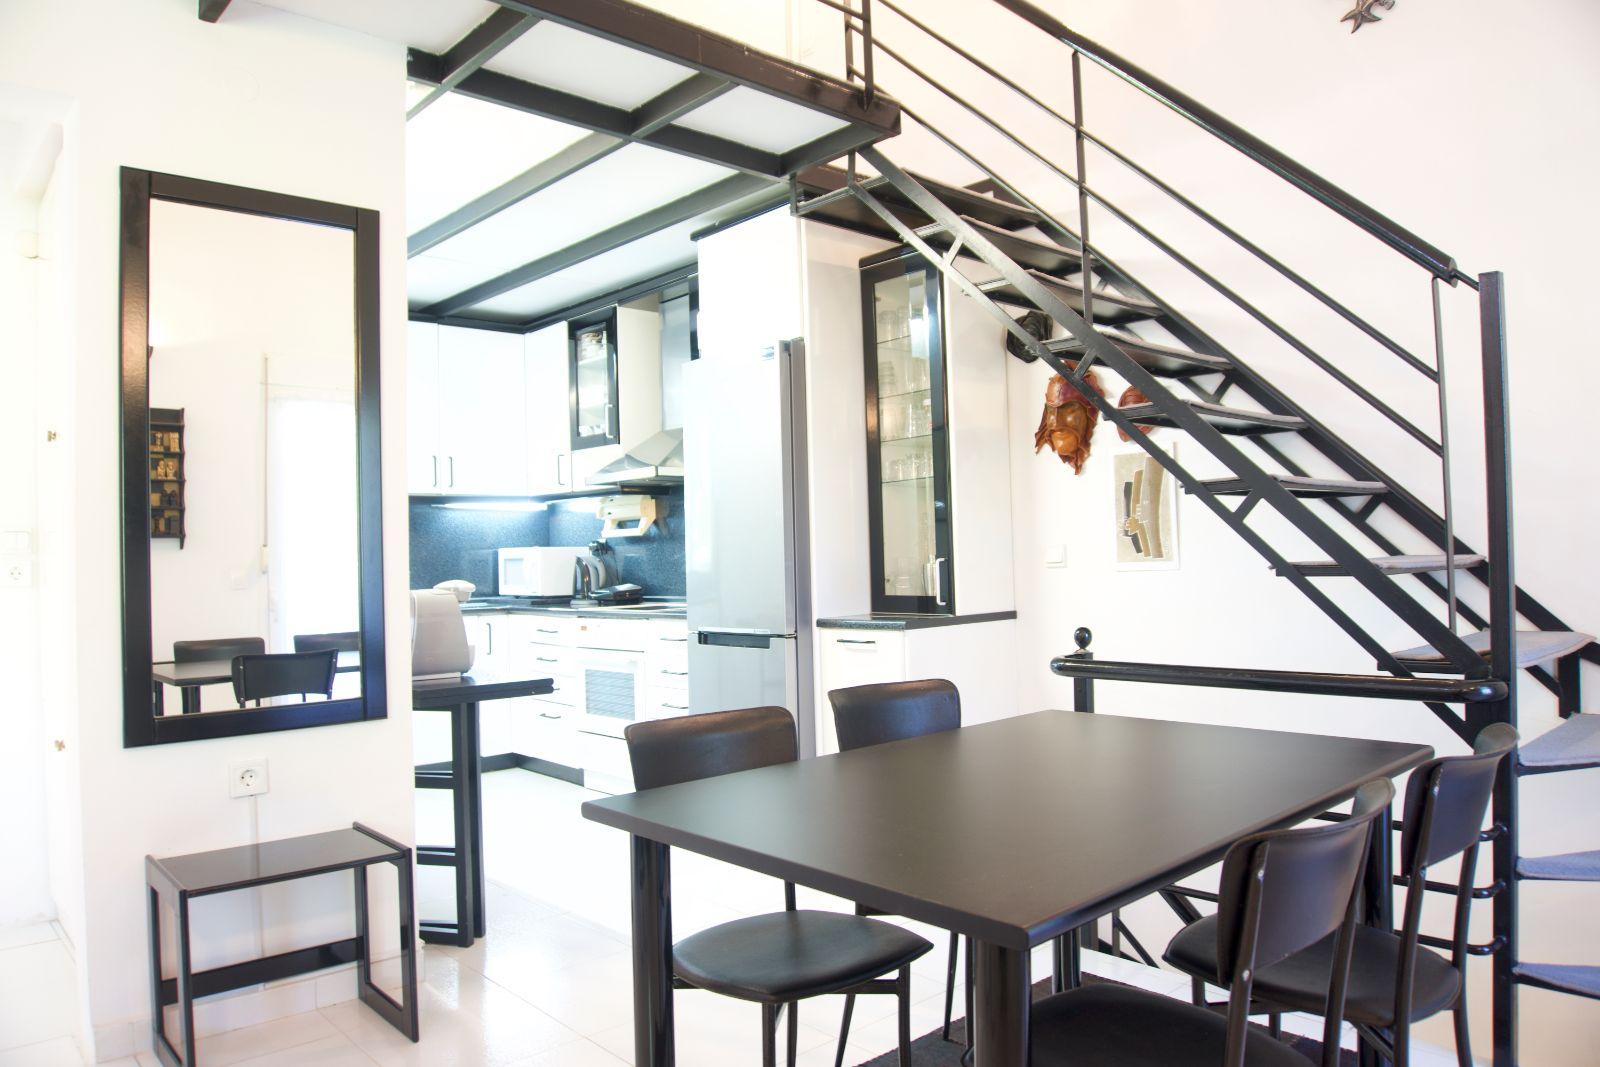 Diamond Dining Room & Kitchen